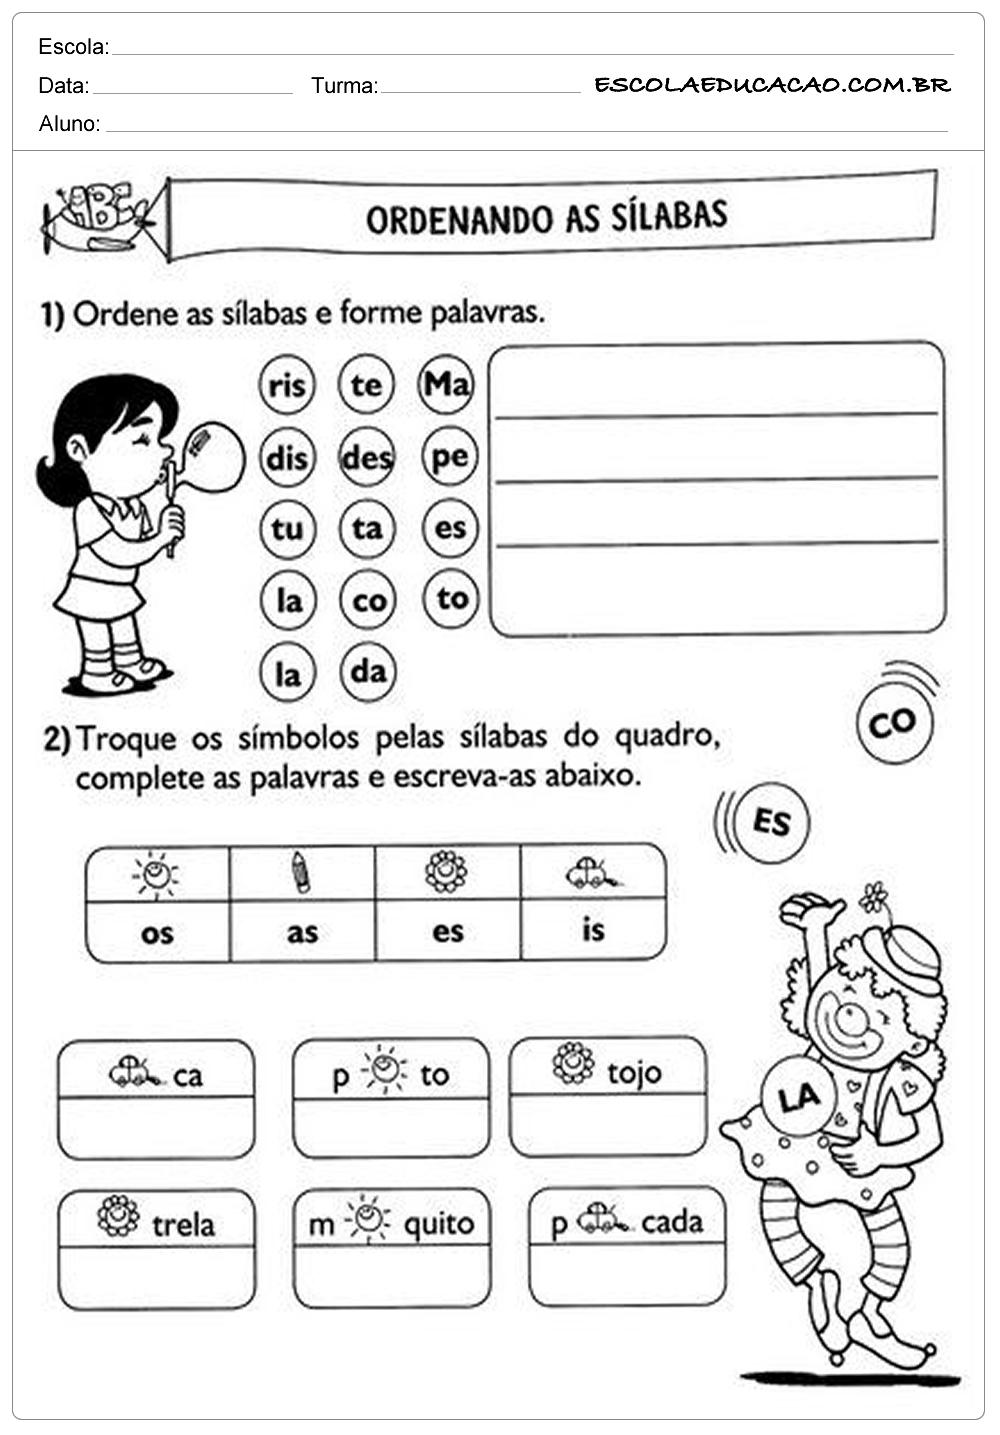 Atividades de Português 2º ano – Ordenando as Sílabas